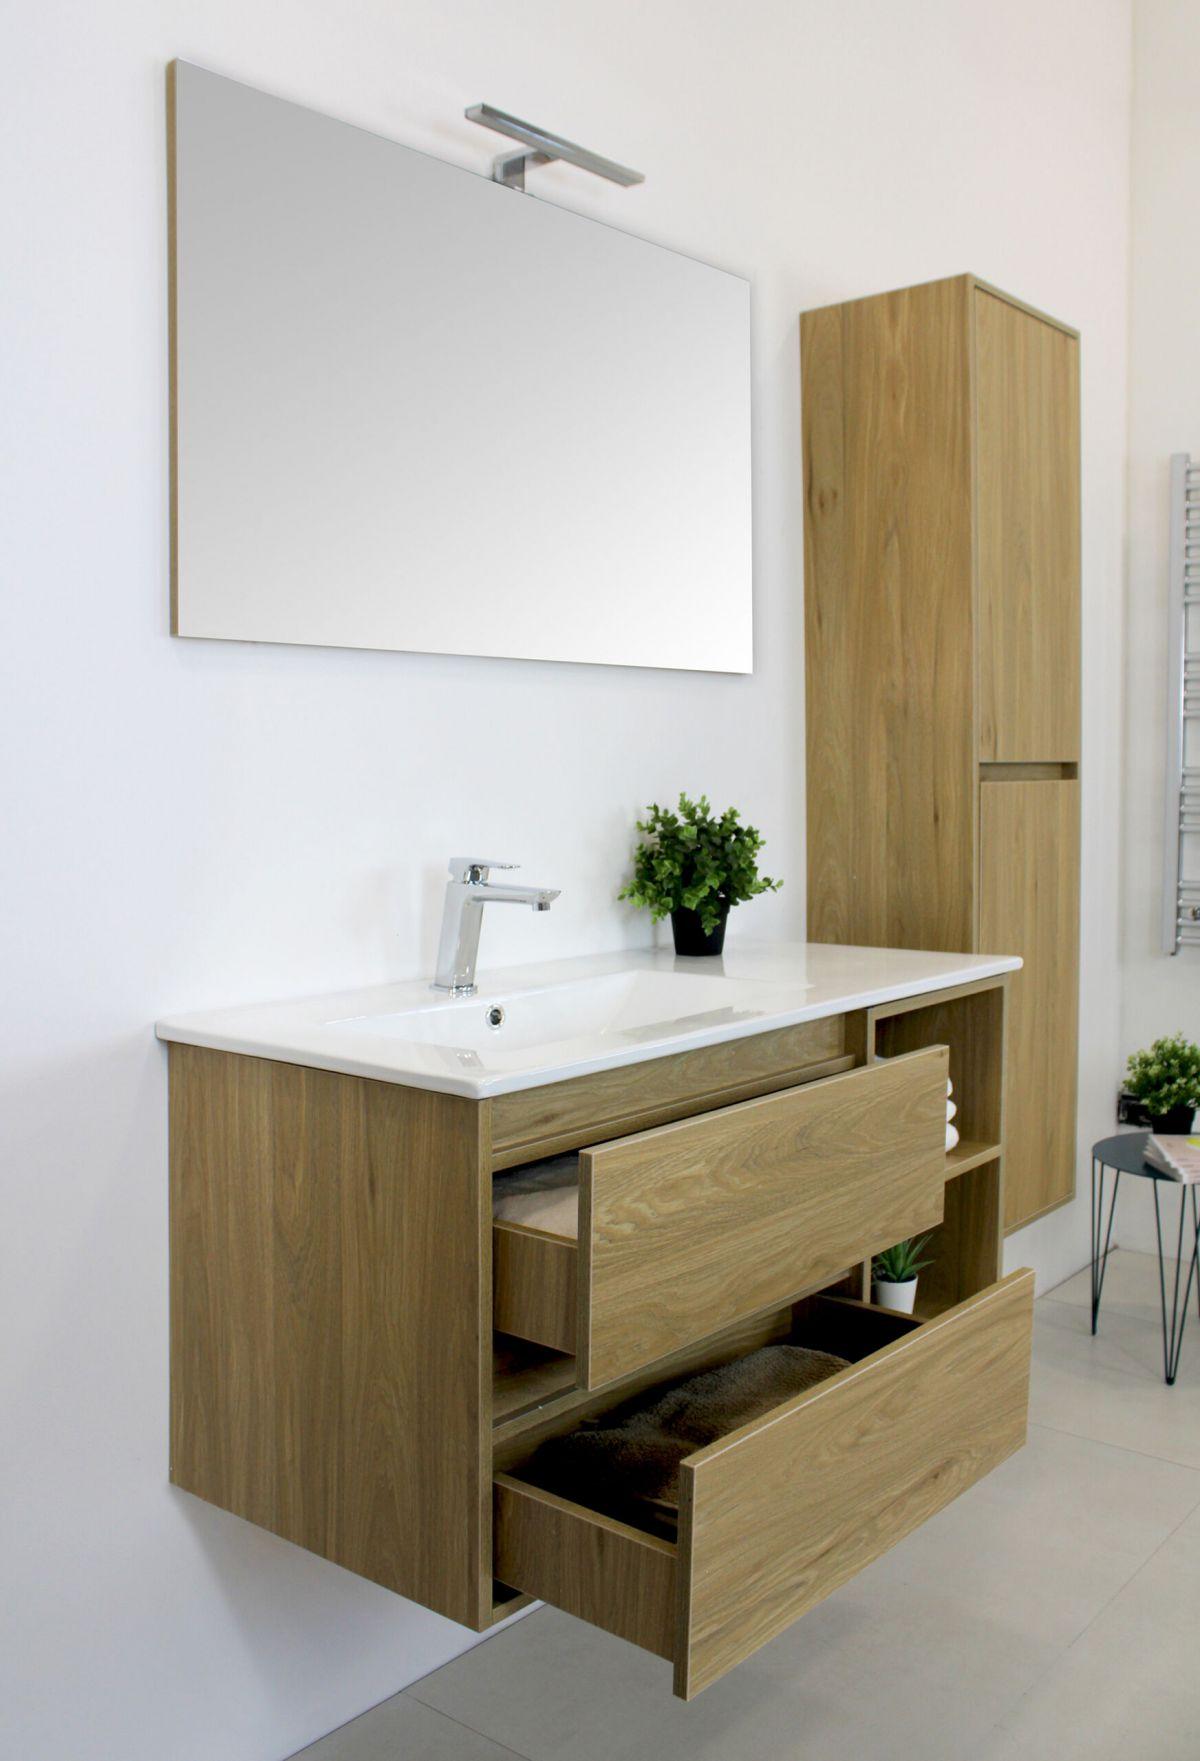 LONDRA ROVERE 2 scaled Mobile bagno Londra sospeso 100 cm rovere effetto legno con lavabo specchio e pensile